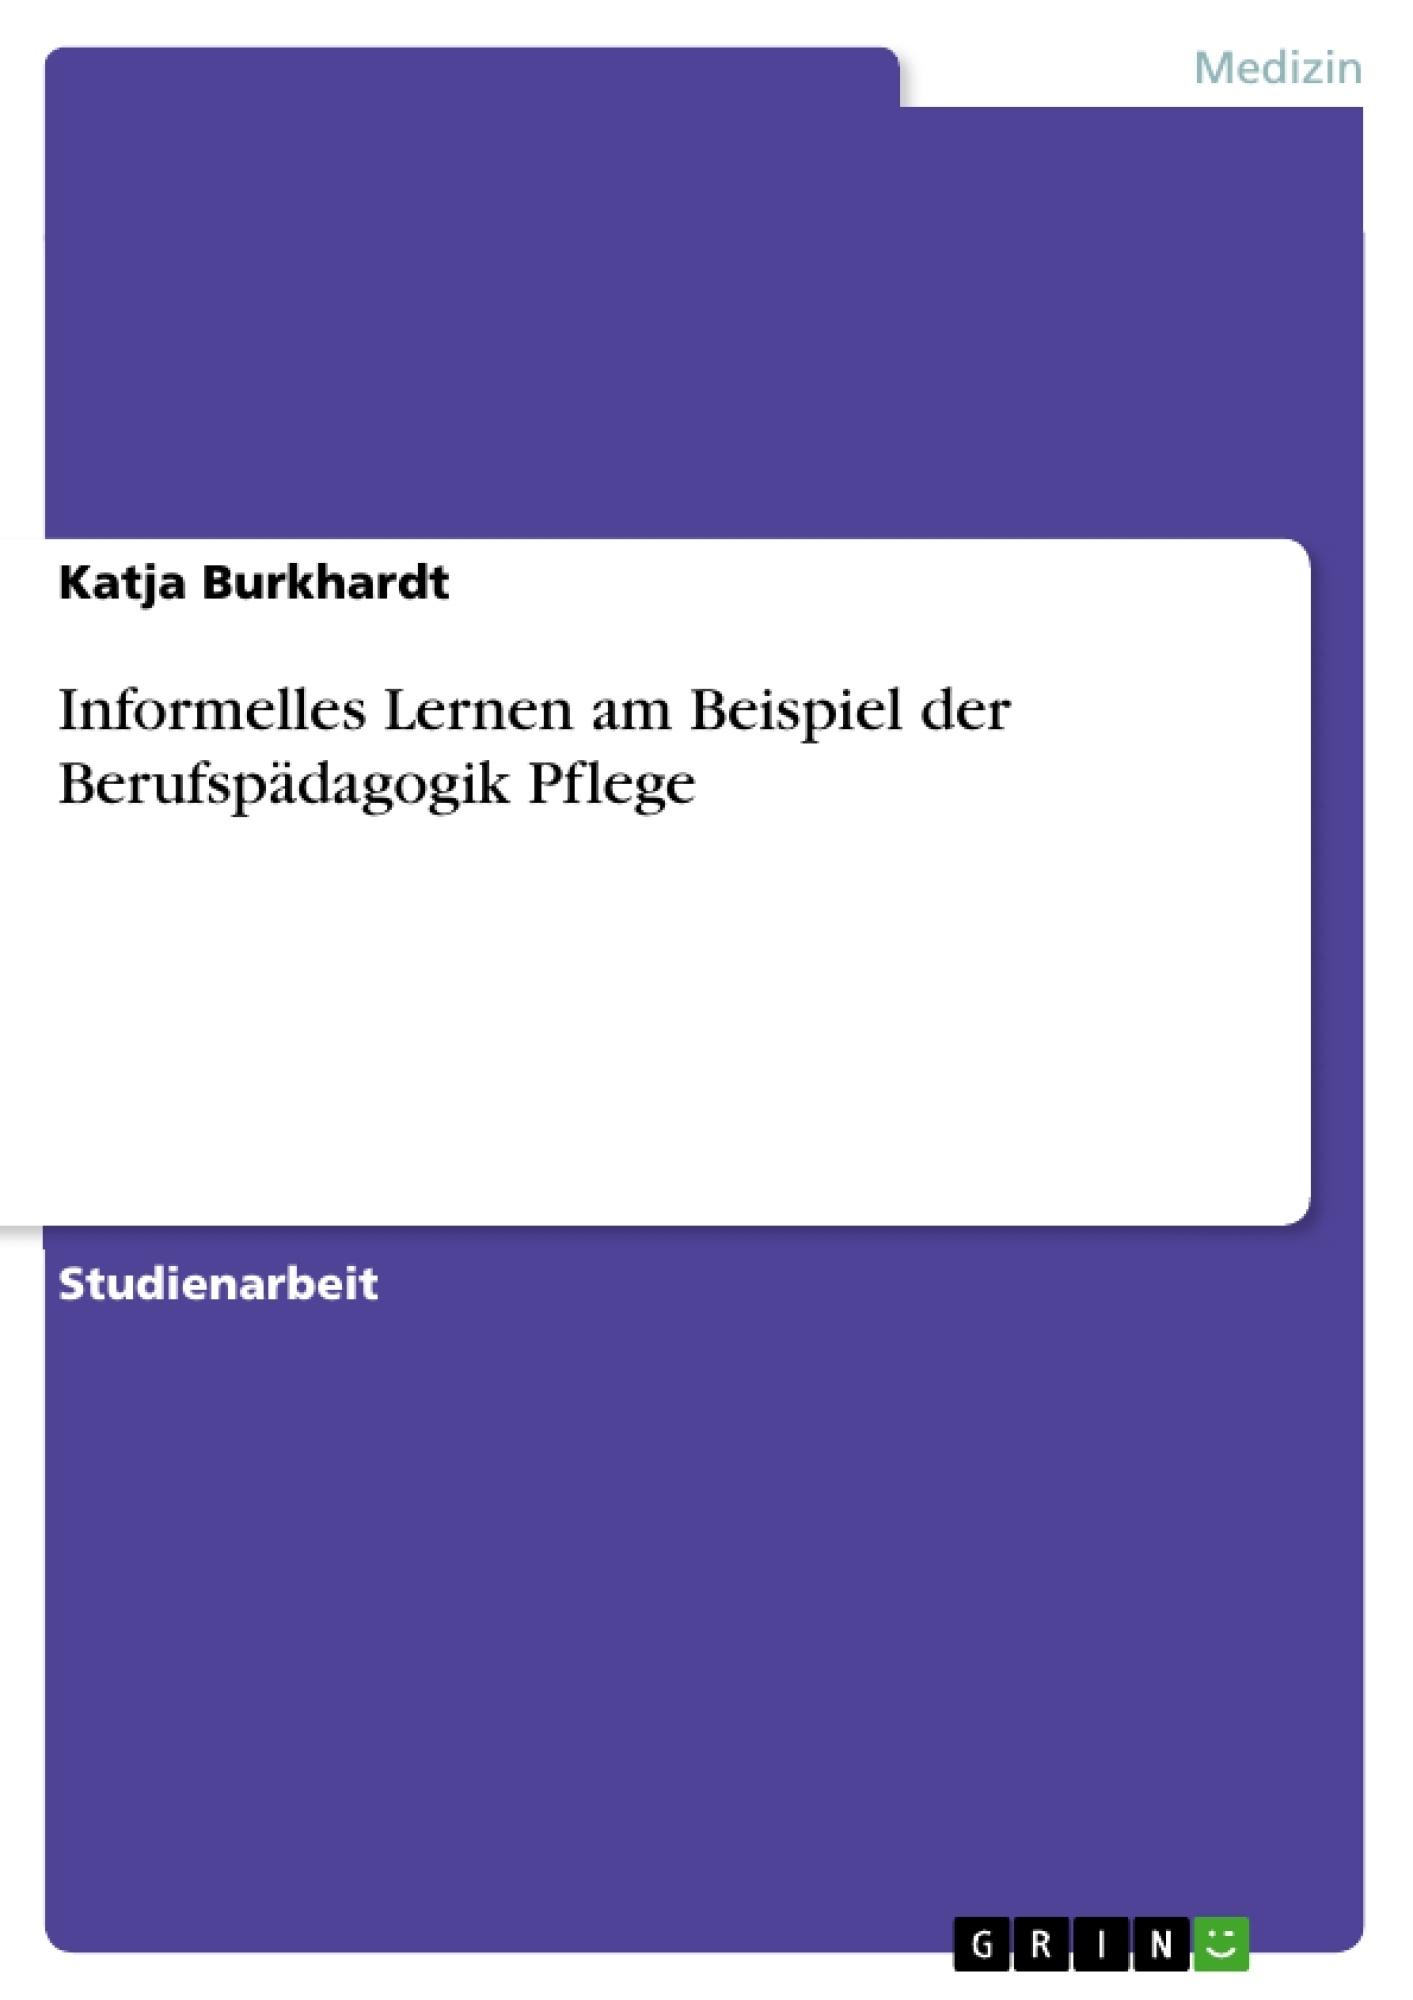 Titel: Informelles Lernen am Beispiel der Berufspädagogik Pflege